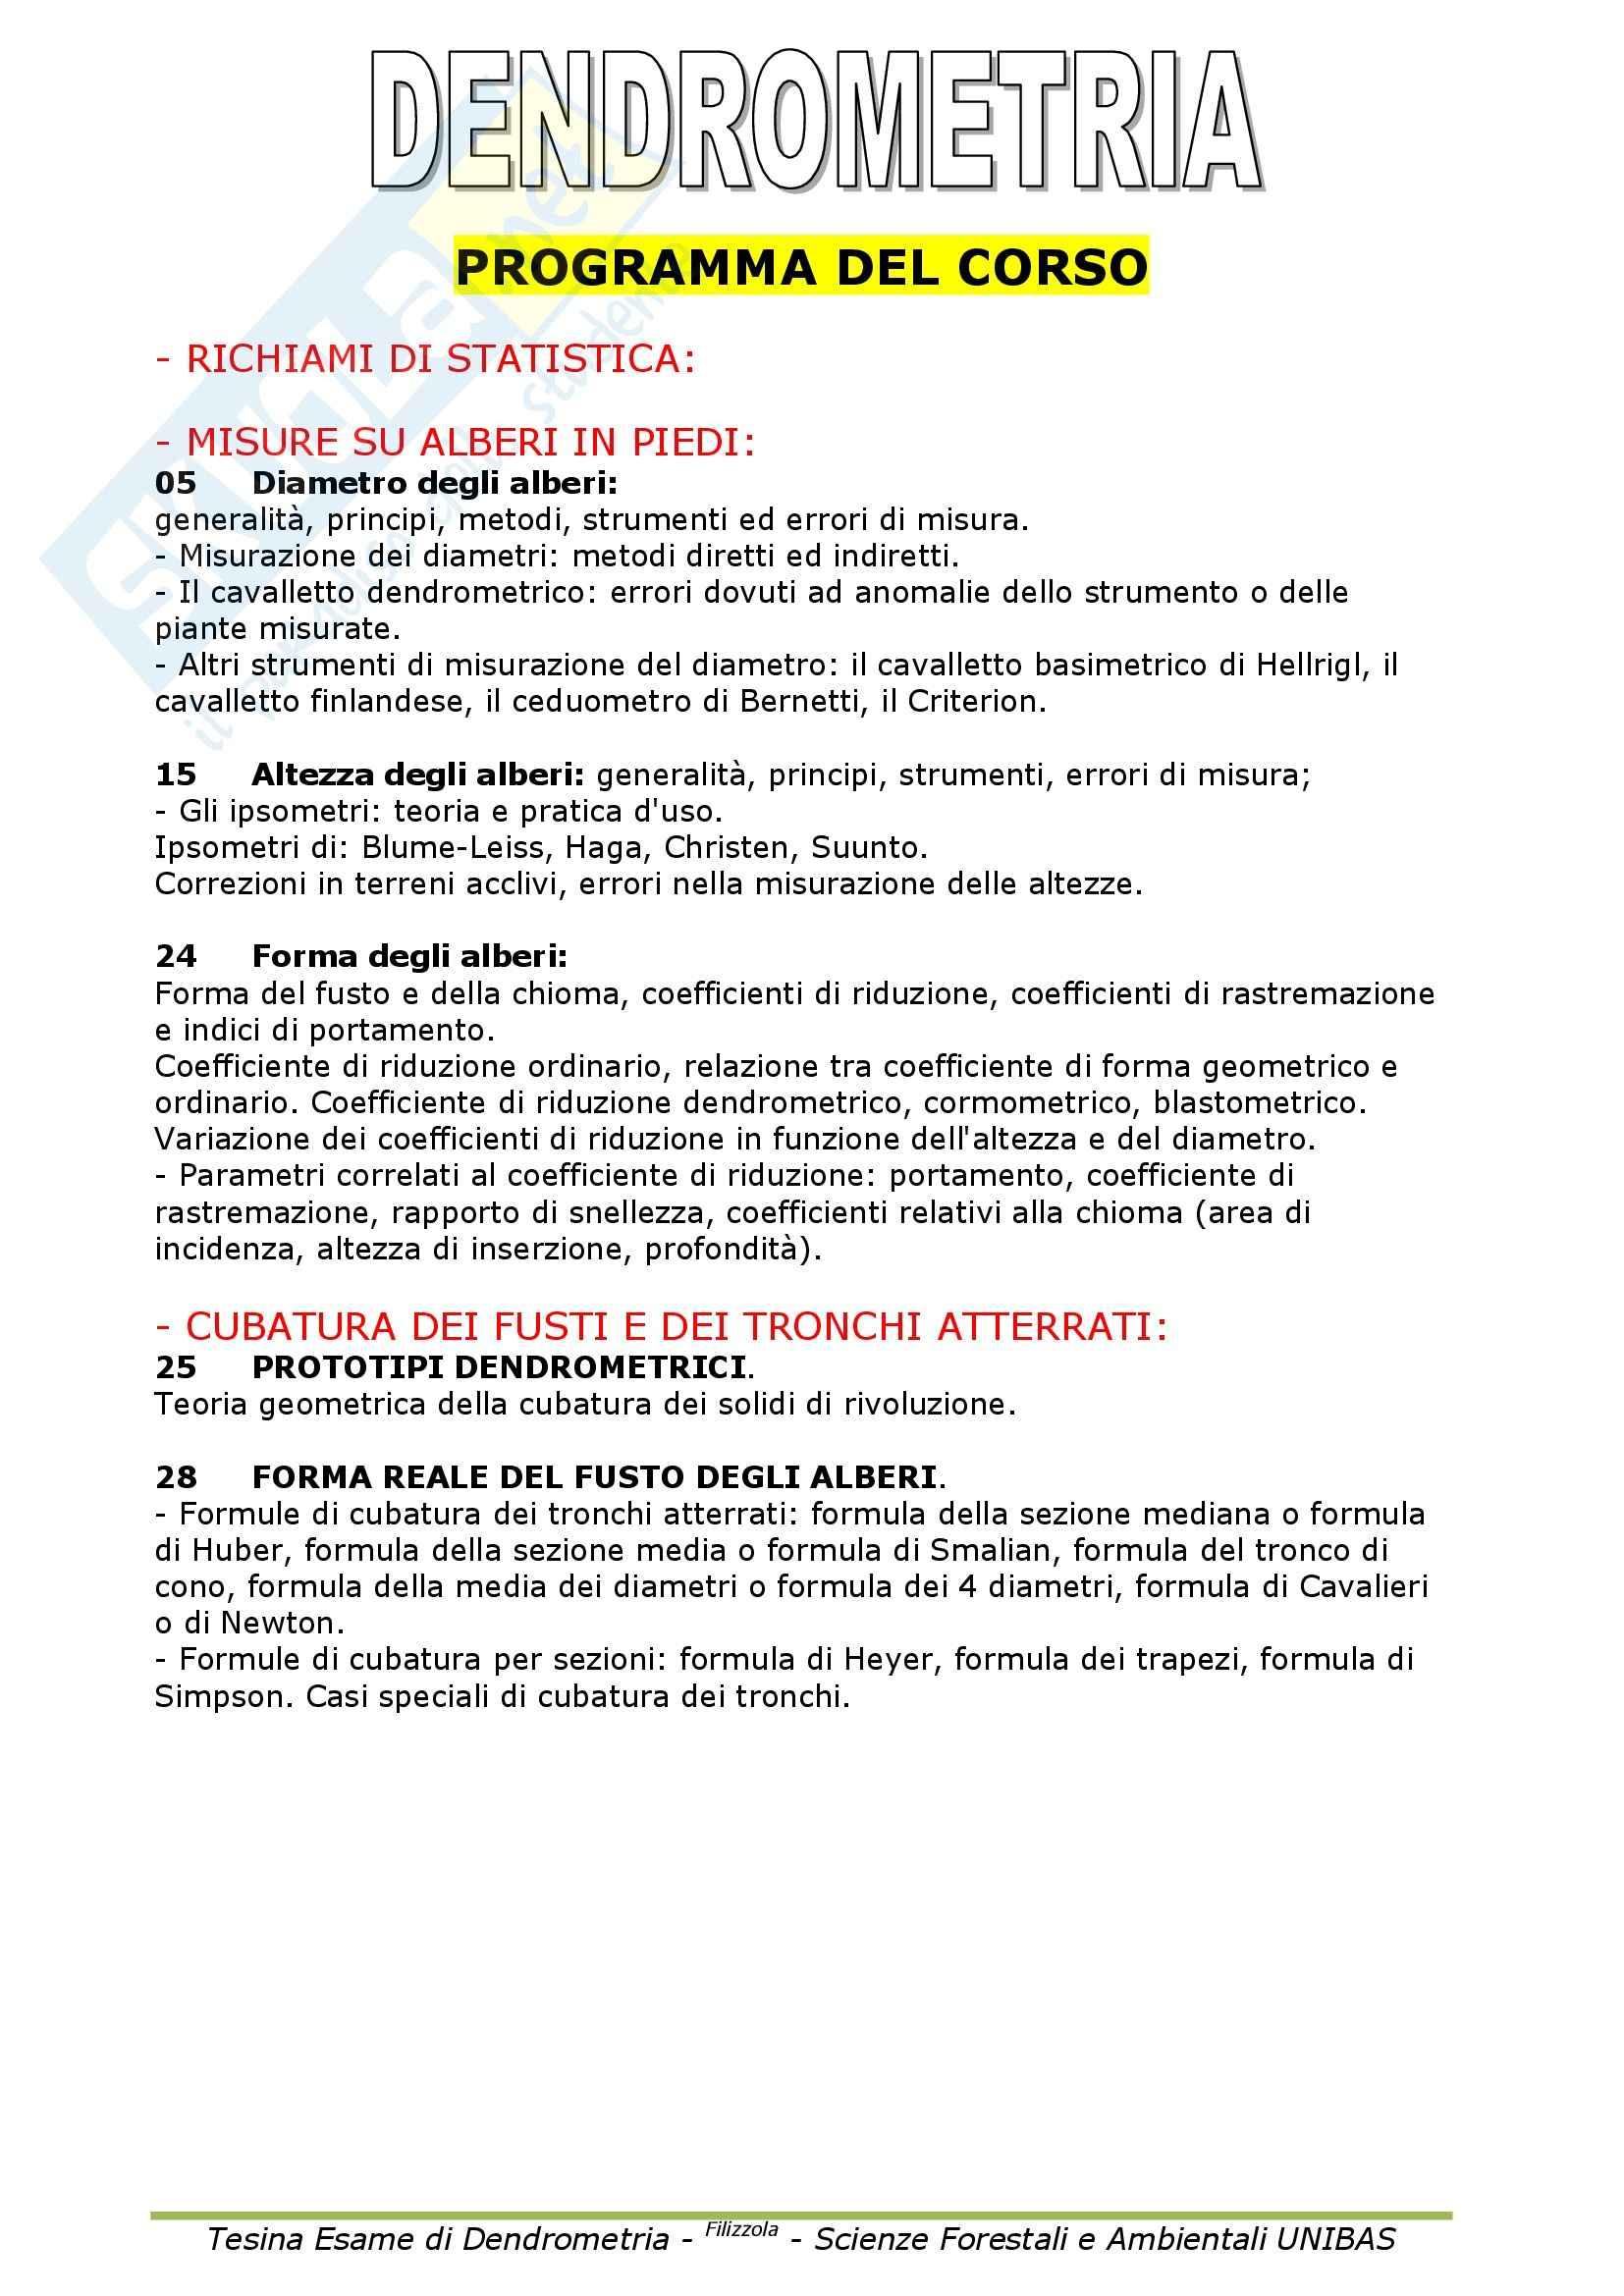 Dendrometria - Appunti